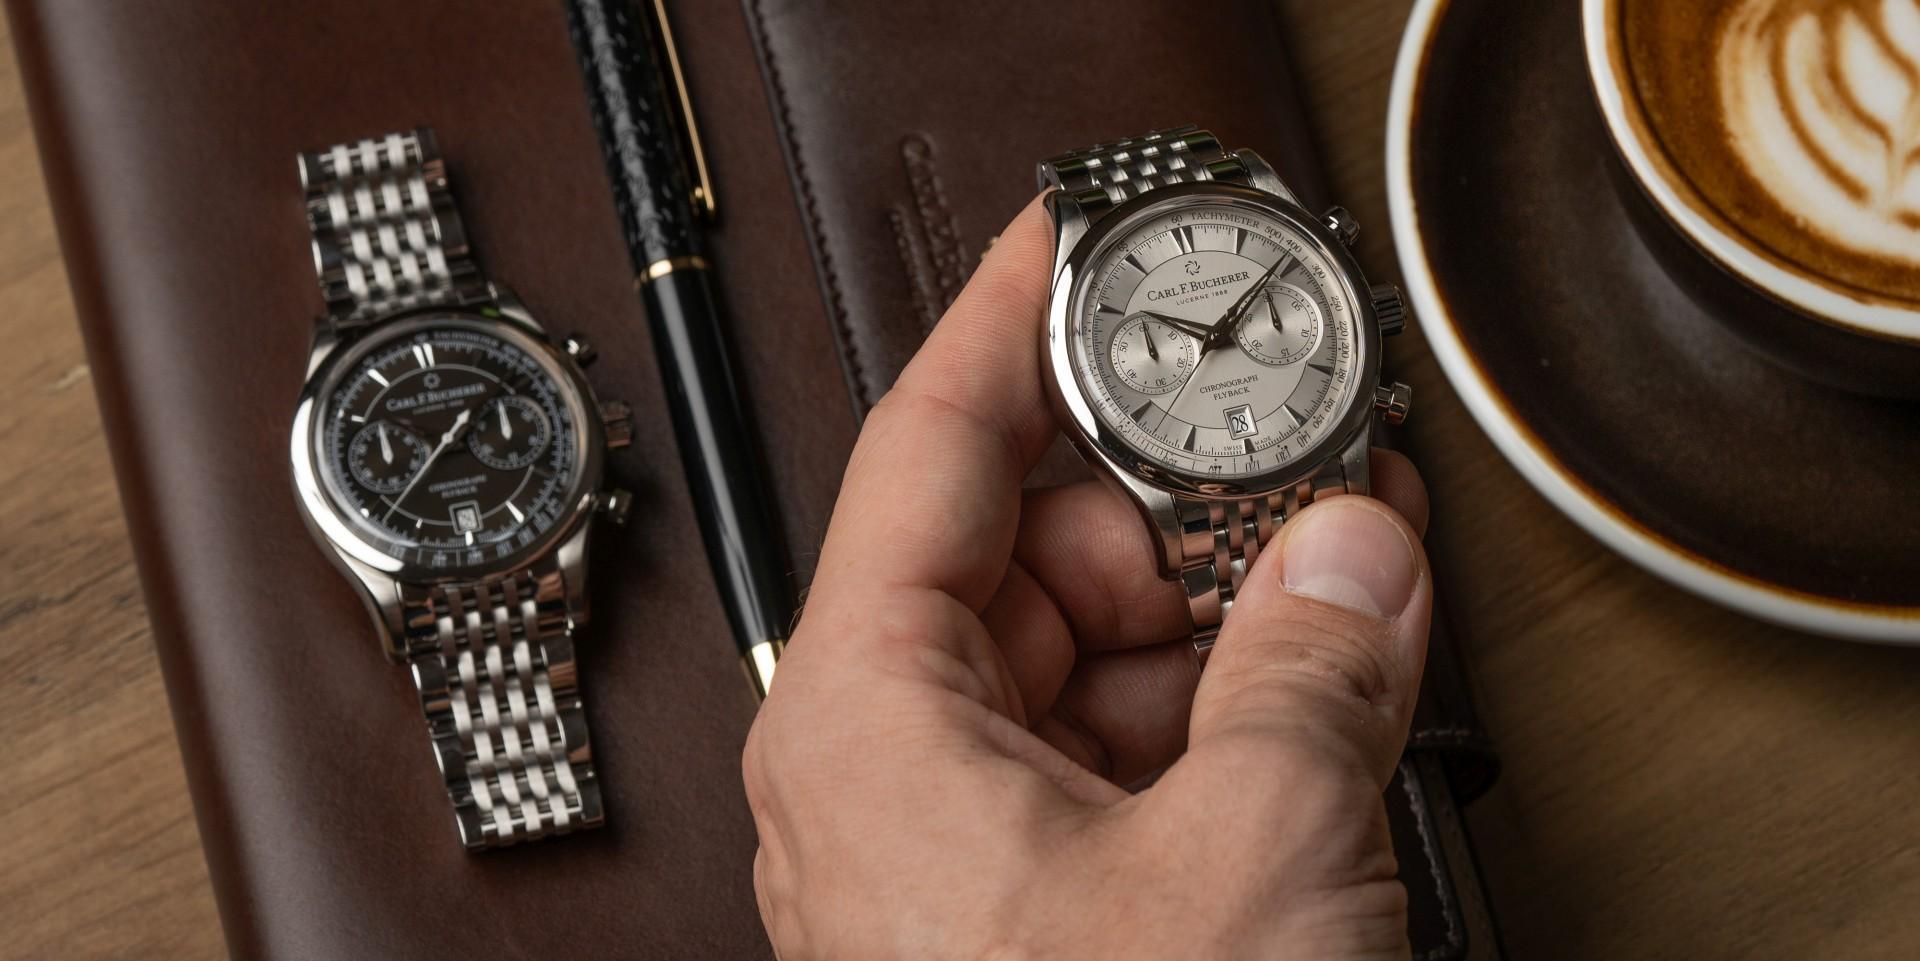 方寸之間發掘無限可能:寶齊萊馬利龍飛返計時碼錶系列增添全新型號